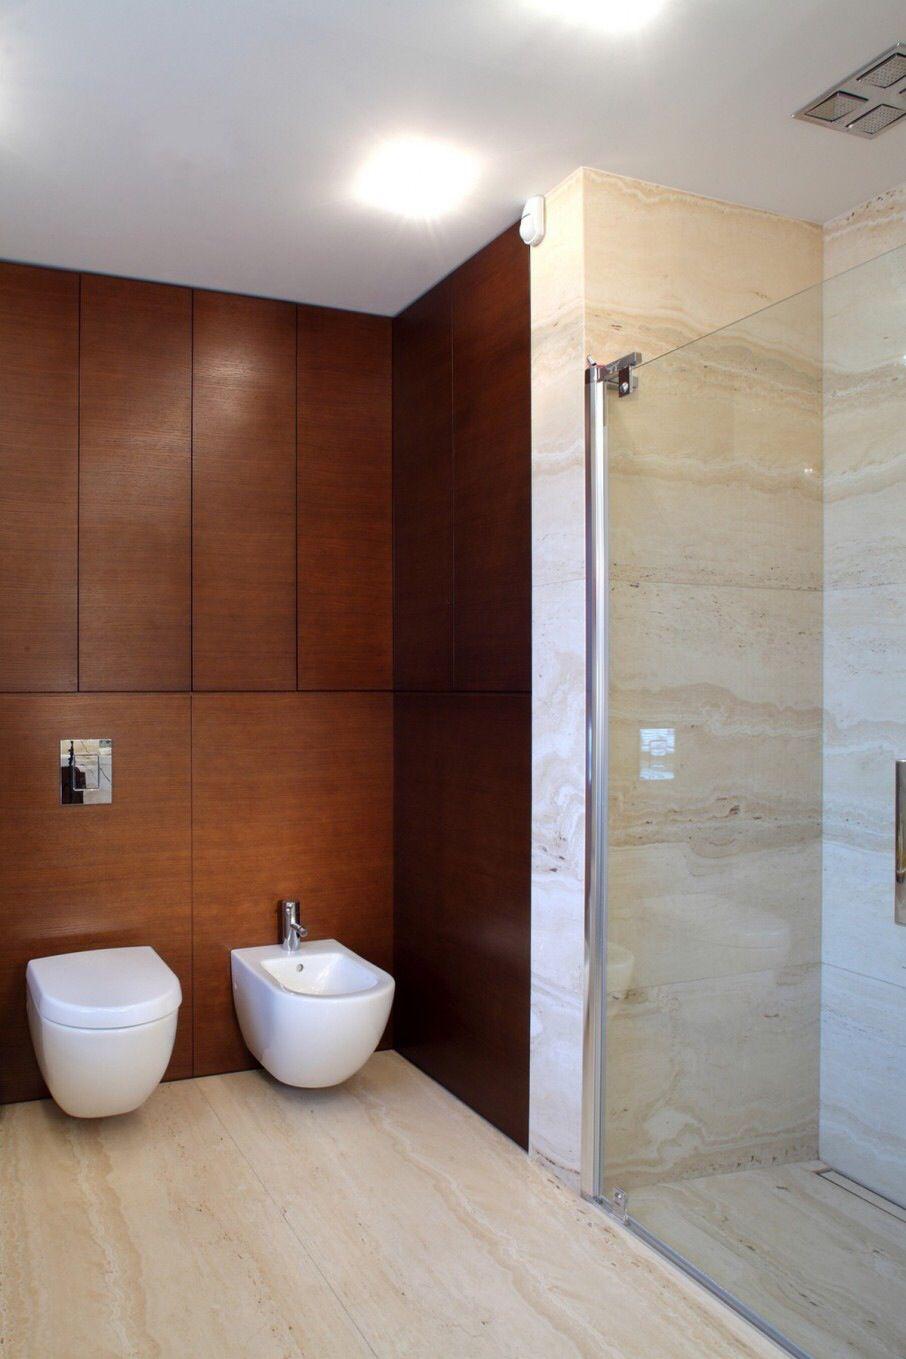 Detalle de paneles de melamina con acabado de madera en baño y el ...